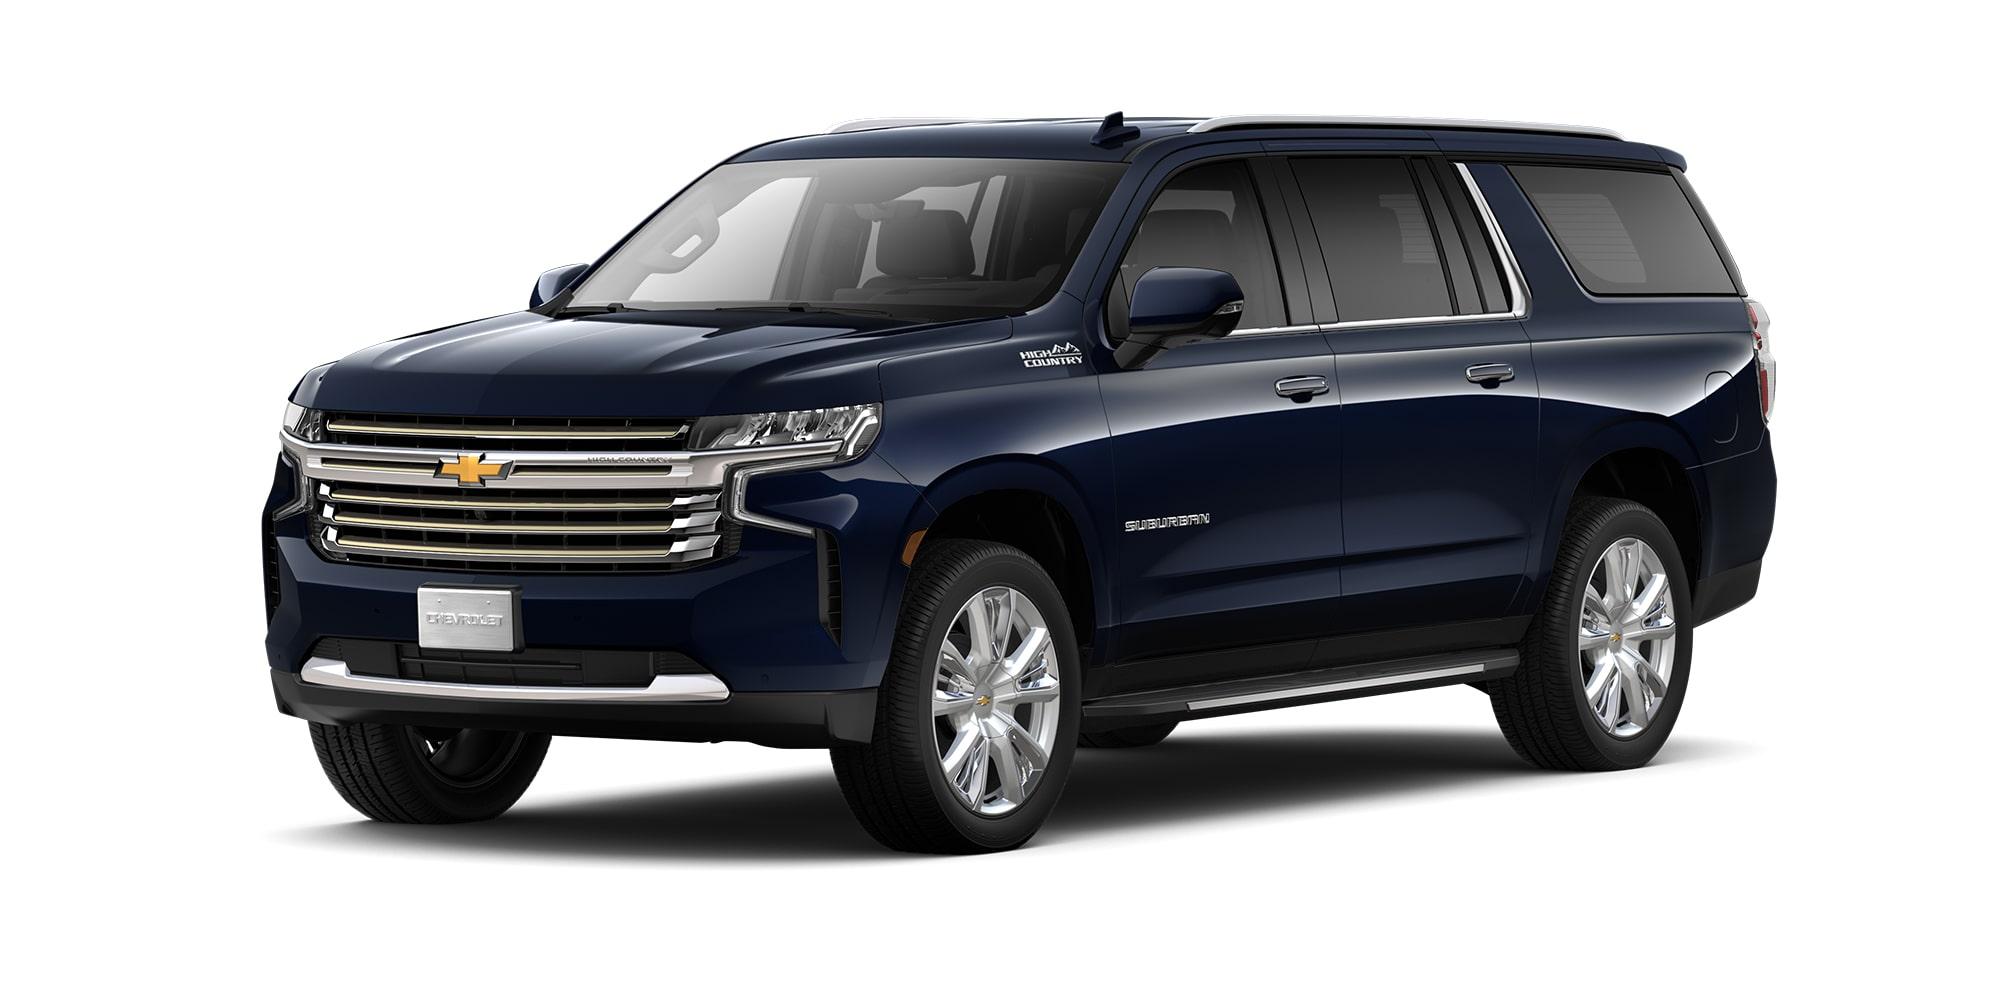 Chevrolet Suburban 2021, Camioneta para 8 pasajeros en su versión High Country